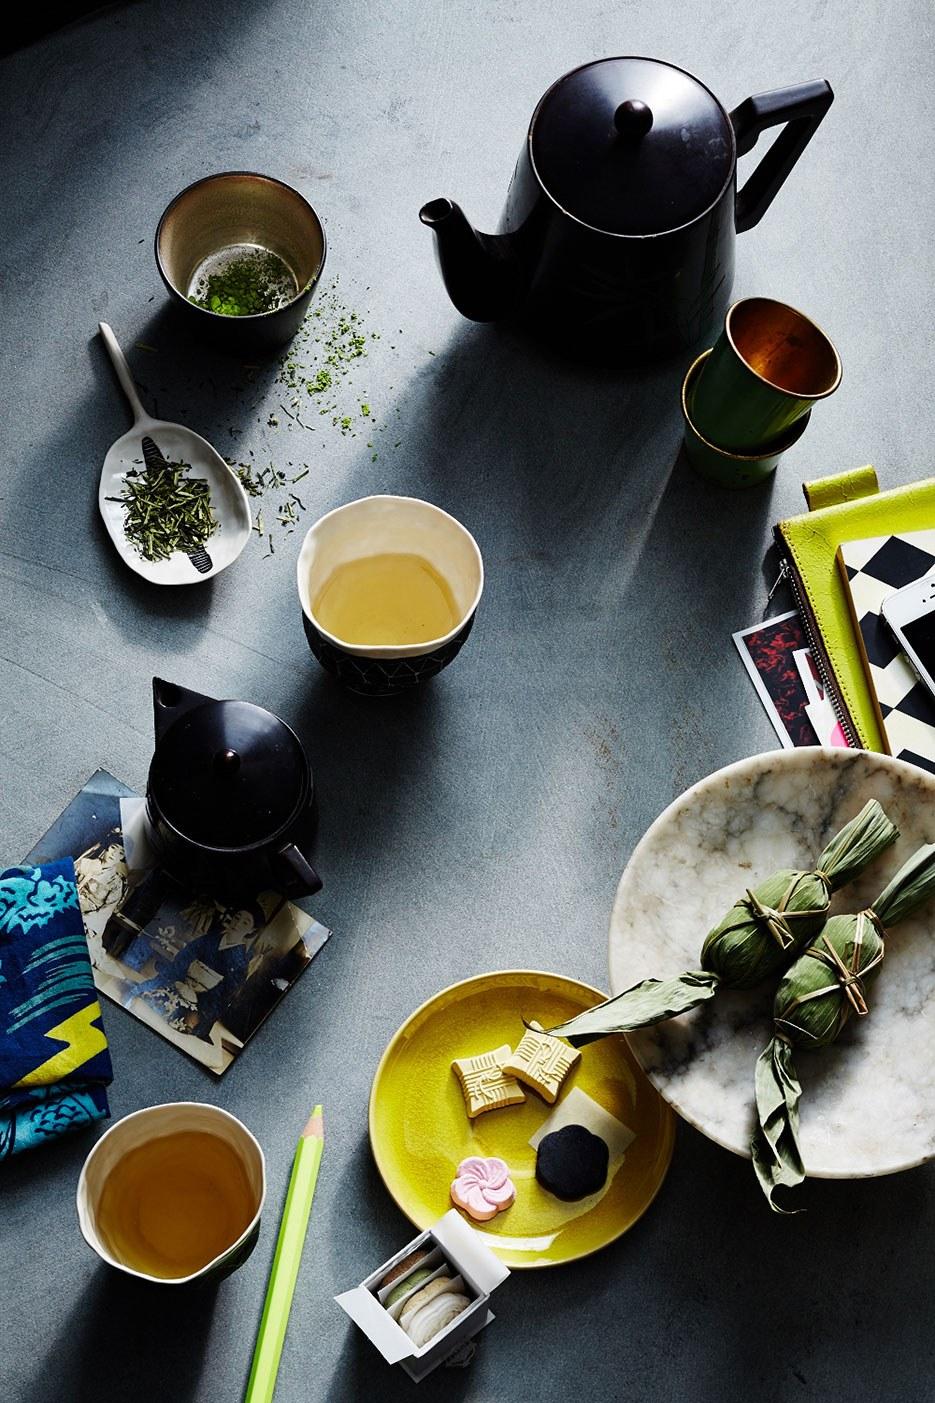 commencer la journée avec une bonne tasse de thé en photo 09